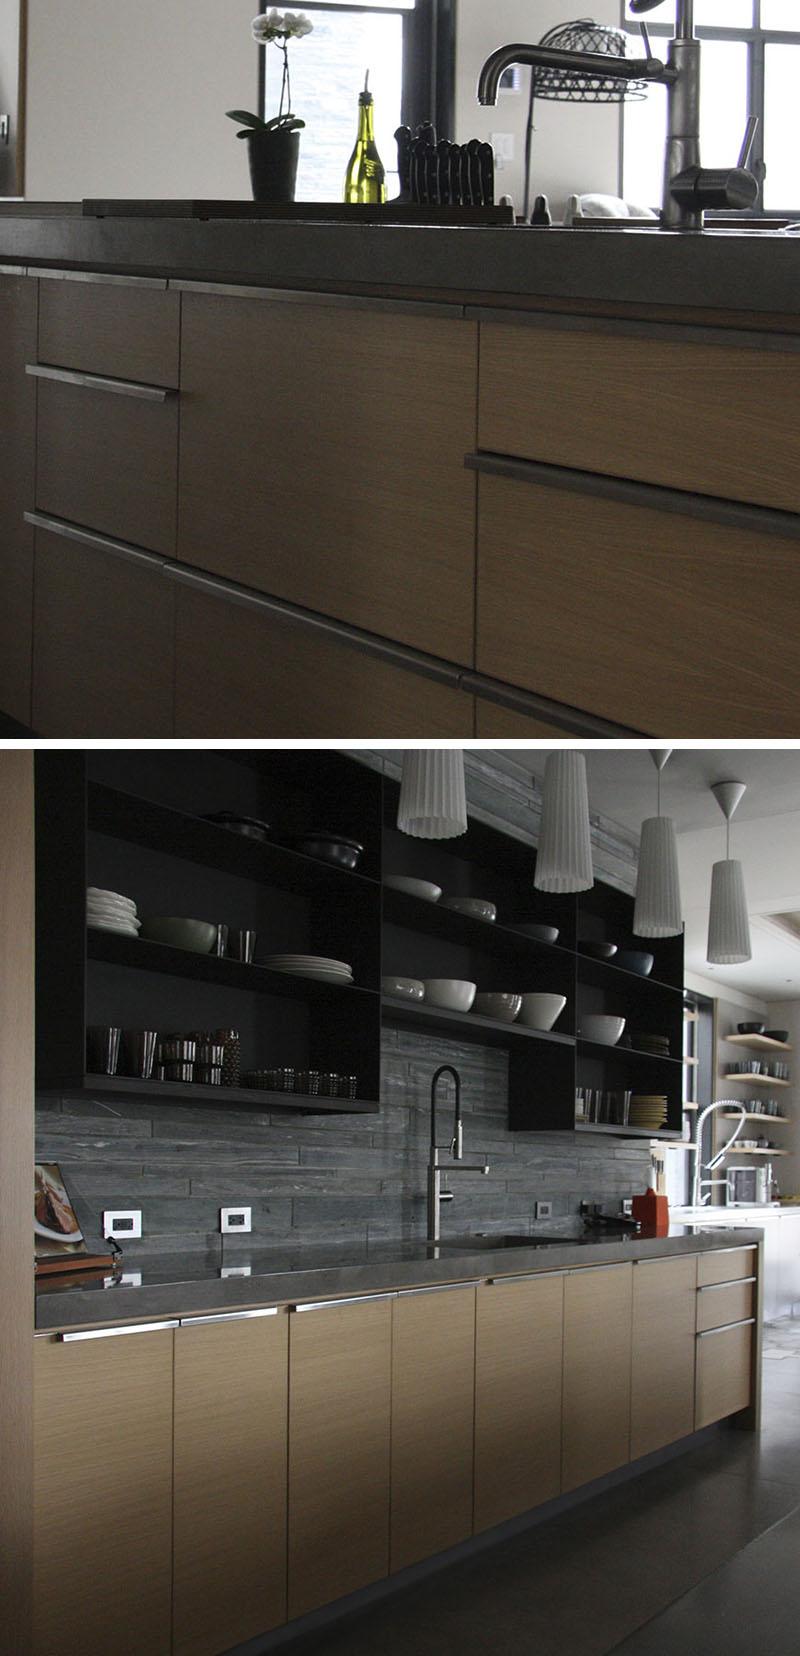 minimalist-kitchen-hardware-311216-609-09